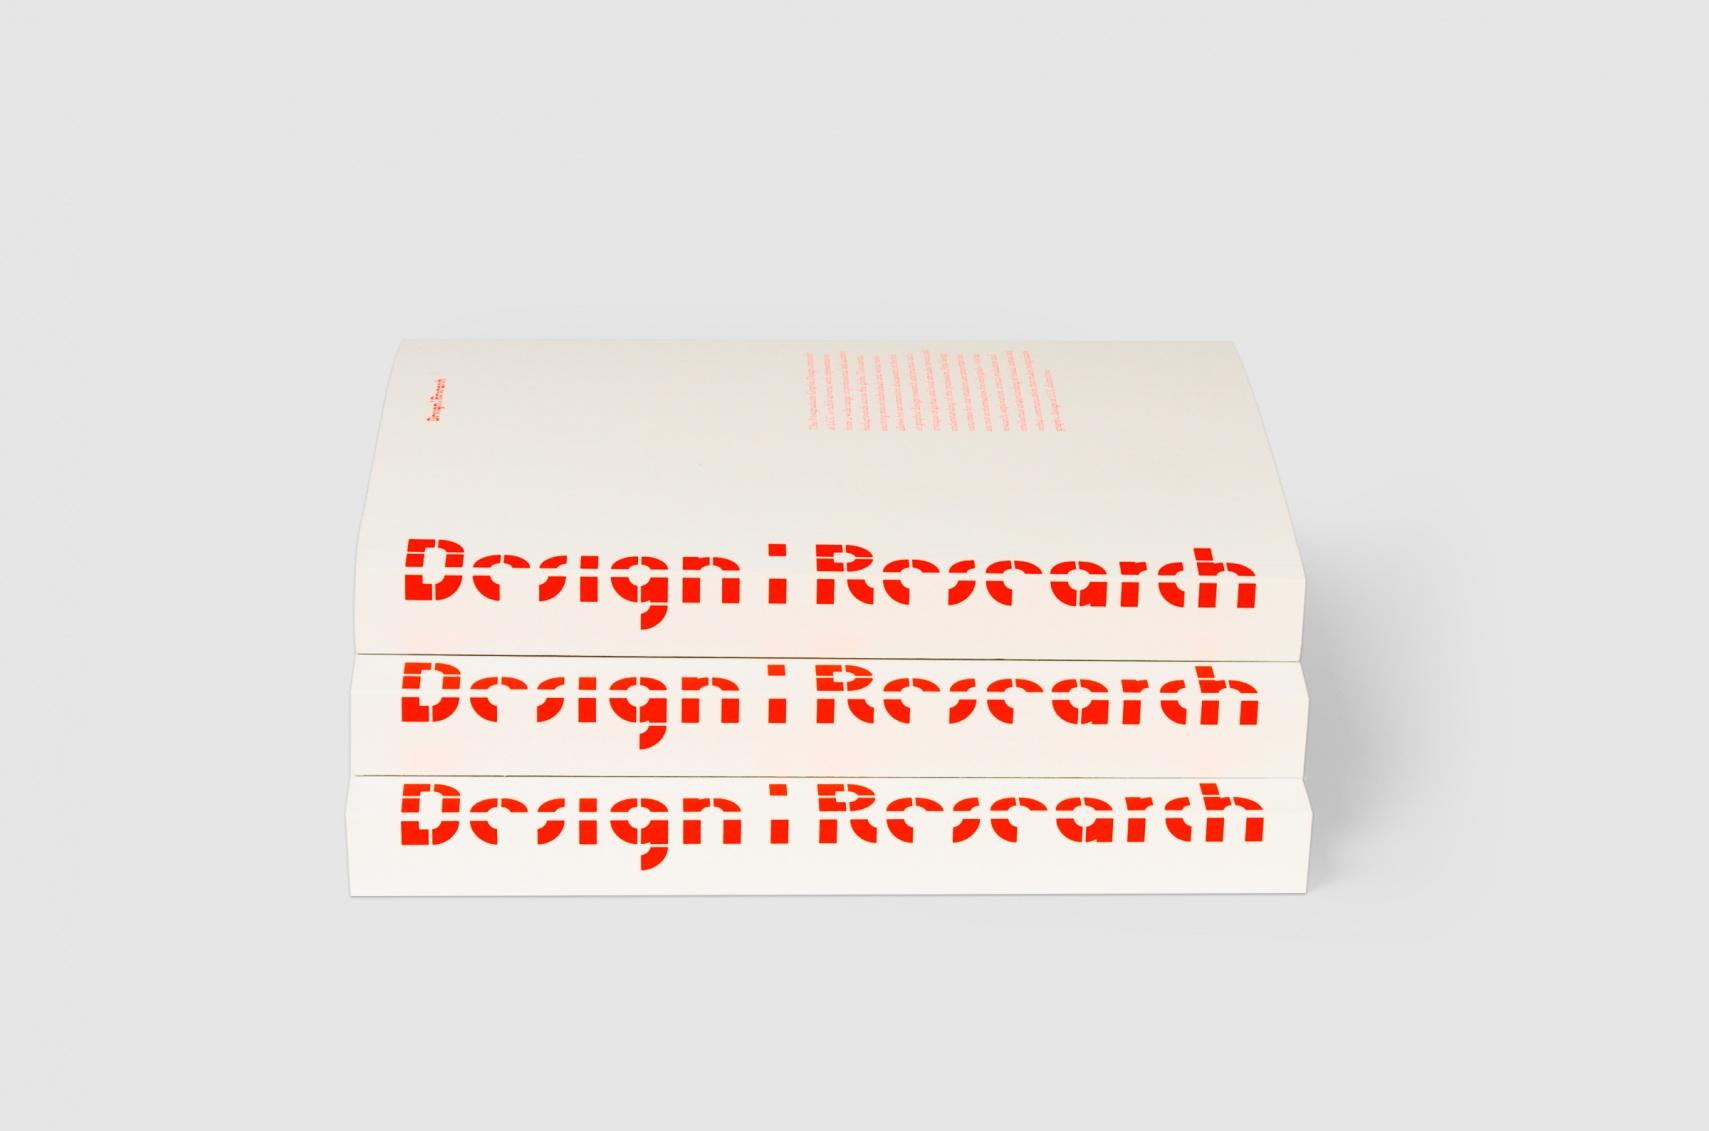 DesignResearch_1b.jpg